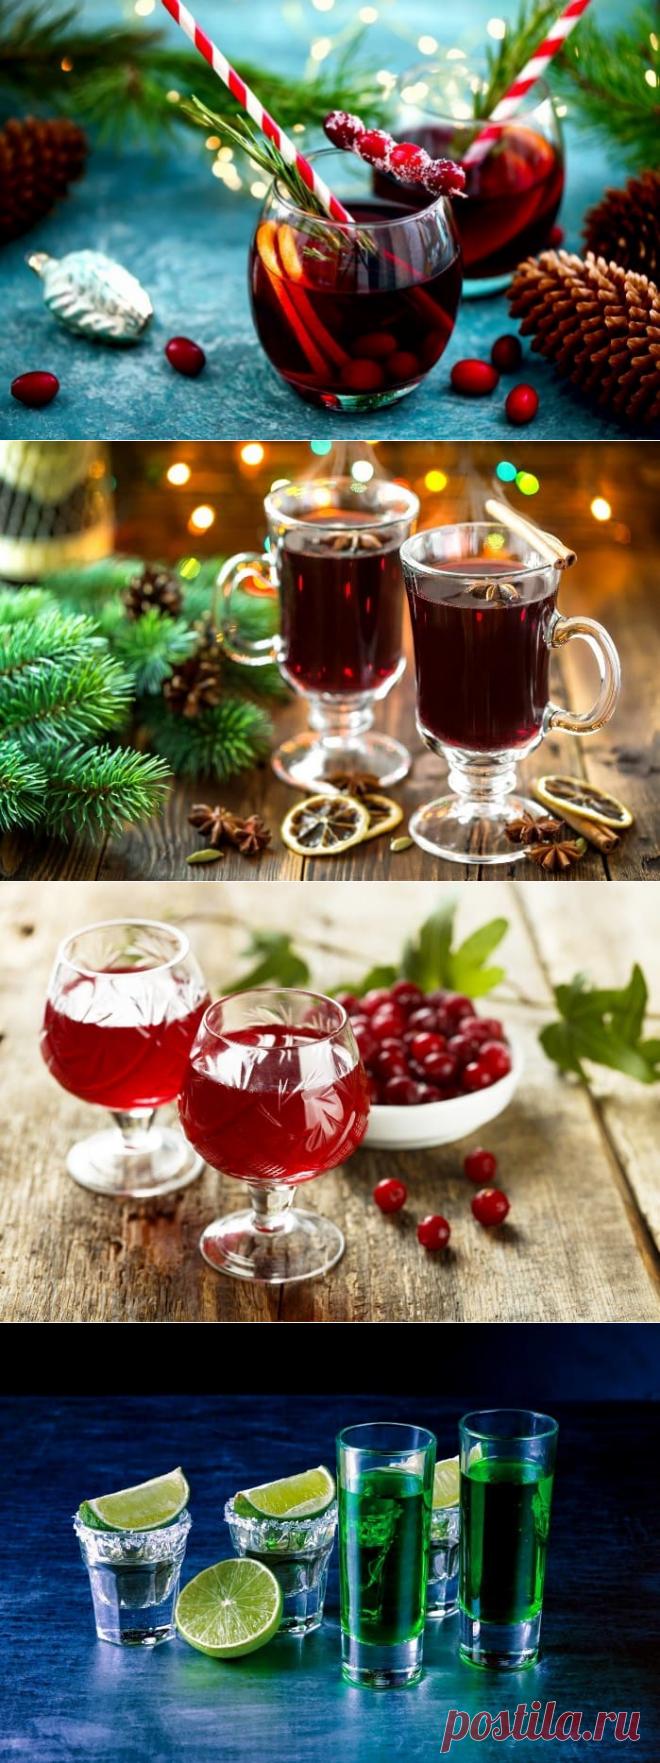 Напитки: алкогольные, безалкогольные, для детей, горячие, коктейль, рецепты, с шампанским, кофейные, видео, спиртные, вкусные.